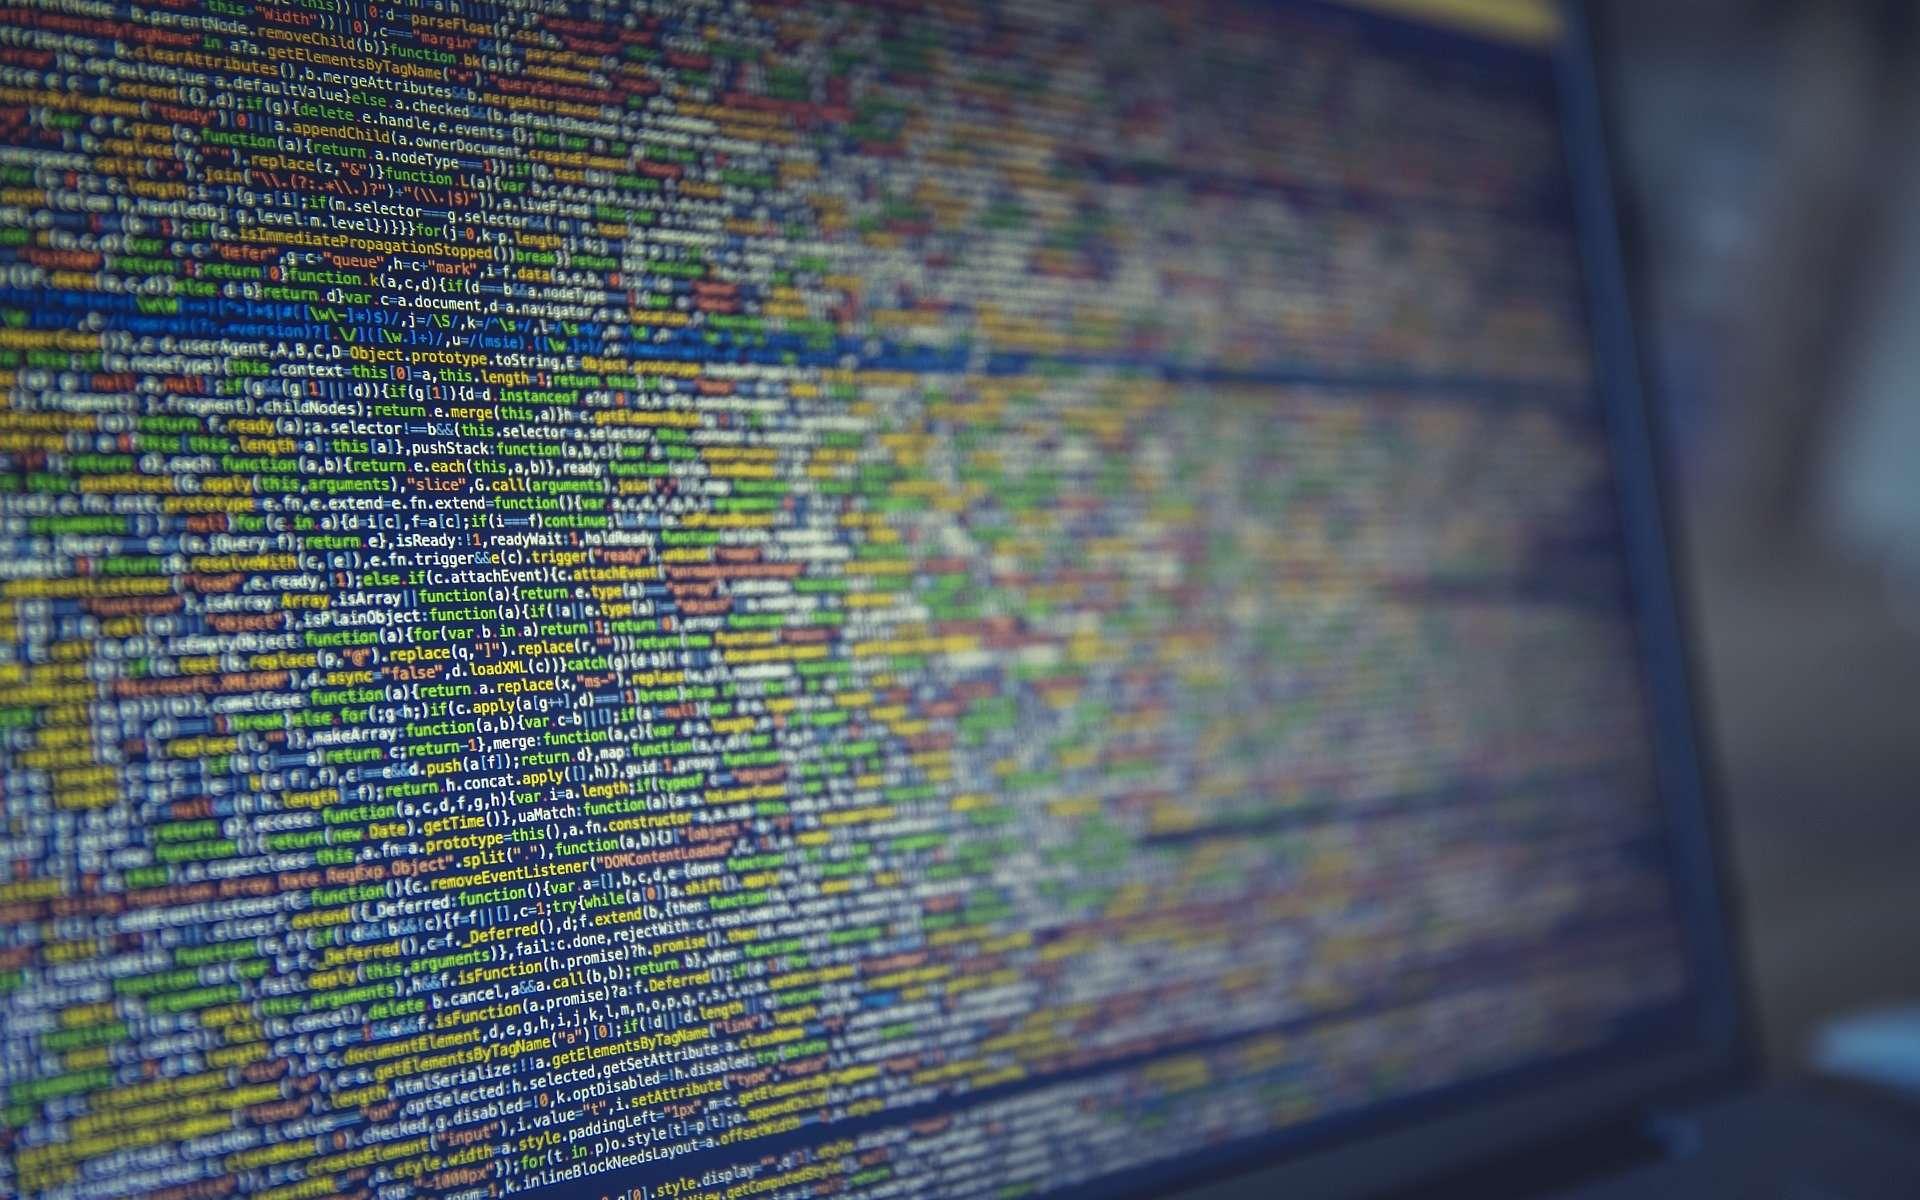 Le code utilisé par la CIA date de 2014. © Markus Spiske / Pixabay